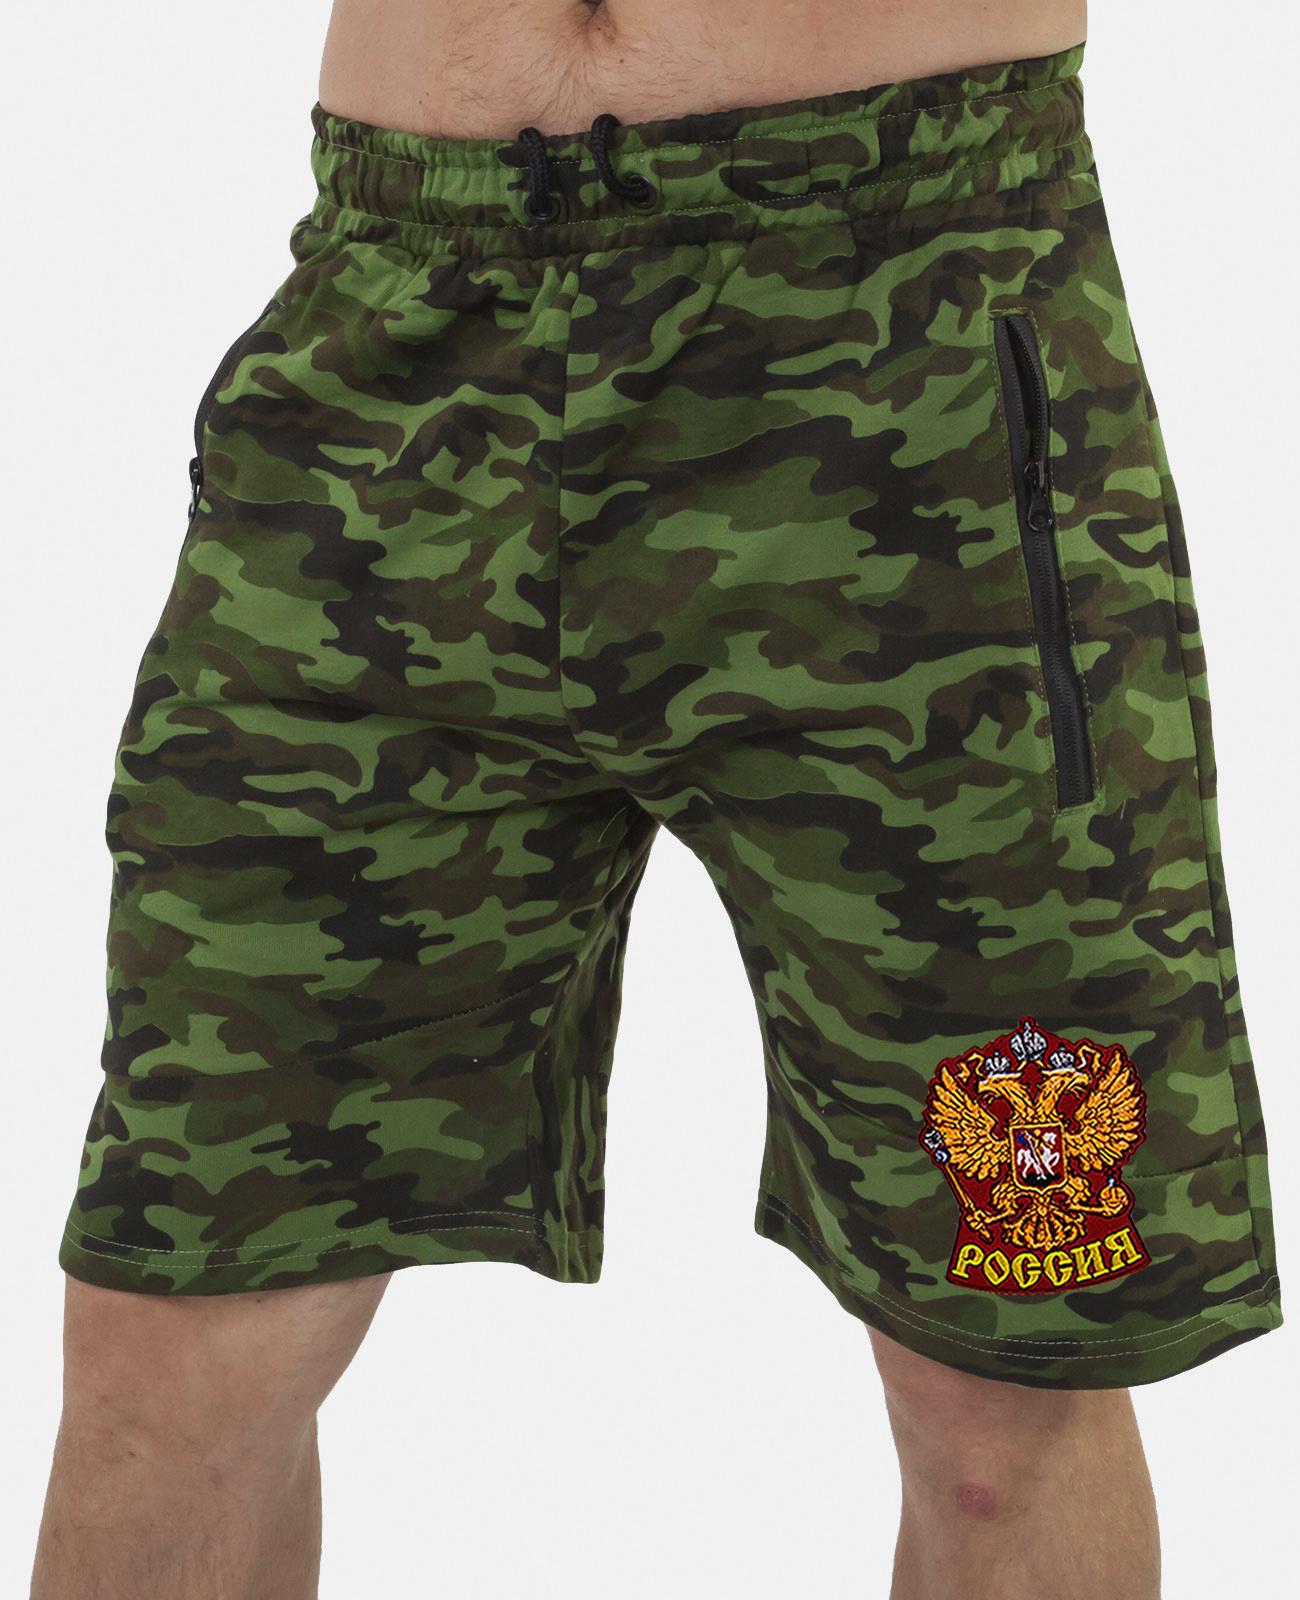 Купить мужские милитари шорты с нашивкой Россия с доставкой онлайн